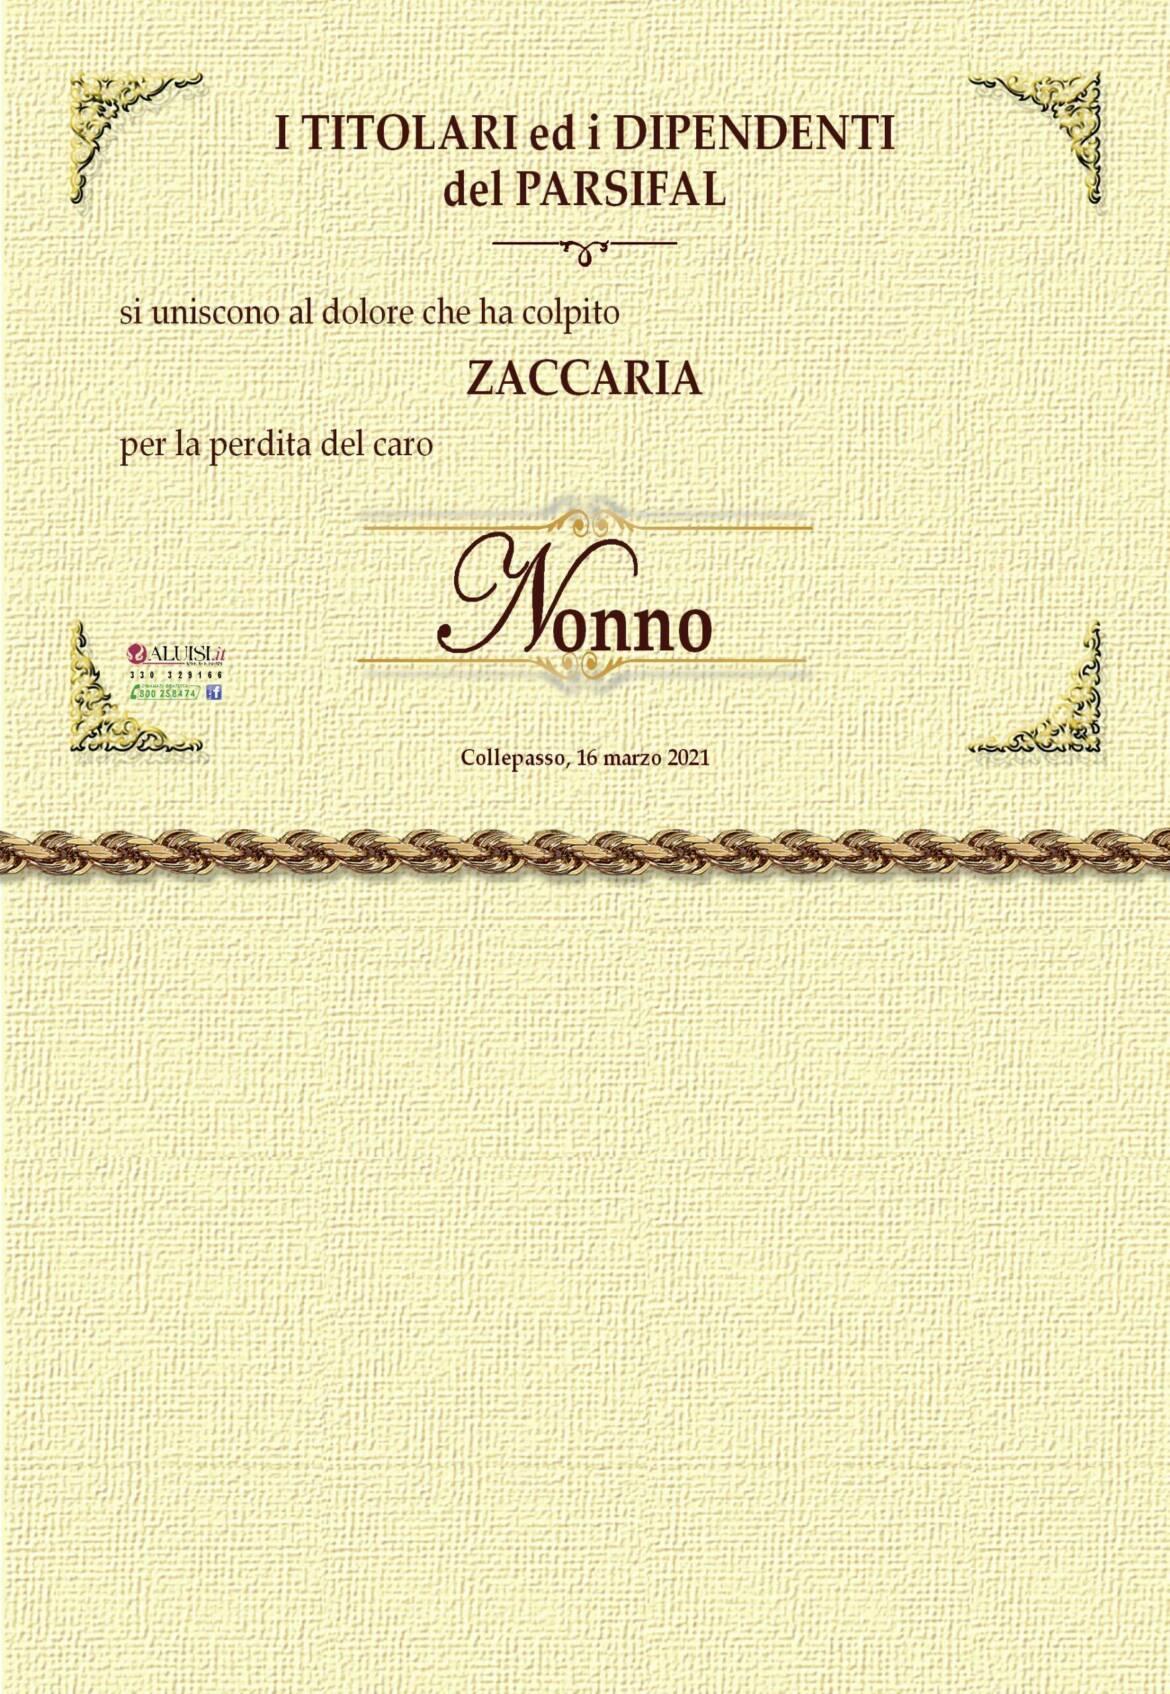 partecipazione-lionello-mandorino-4-scaled.jpg